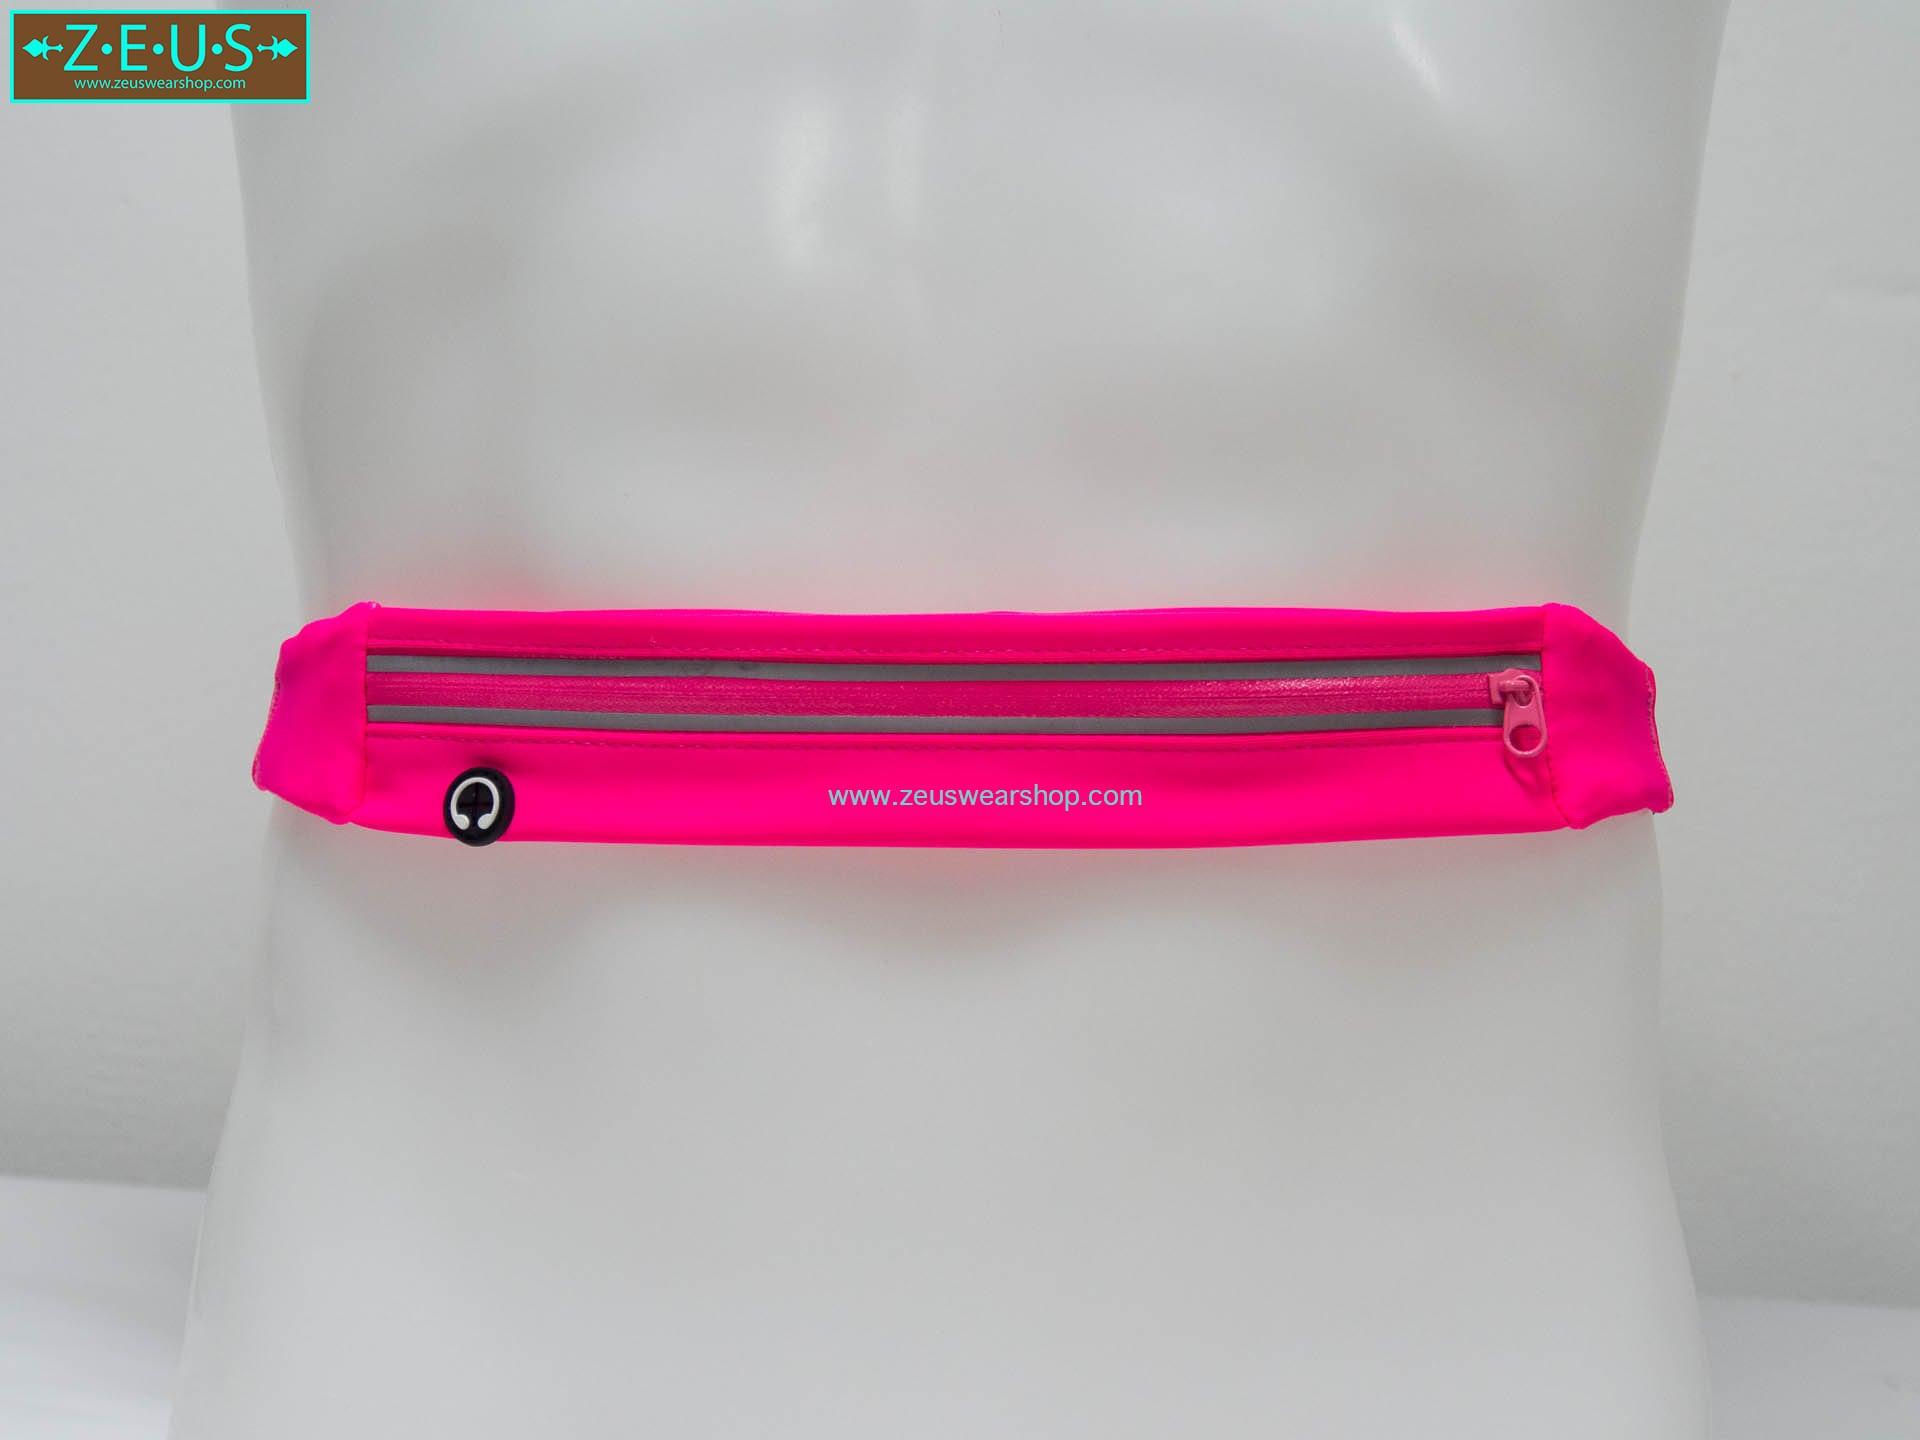 กระเป๋าคาดเอววิ่ง กันน้ำ สีชมพูสะท้อนแสง 1ซิป มีช่องเสียบหูฟัง